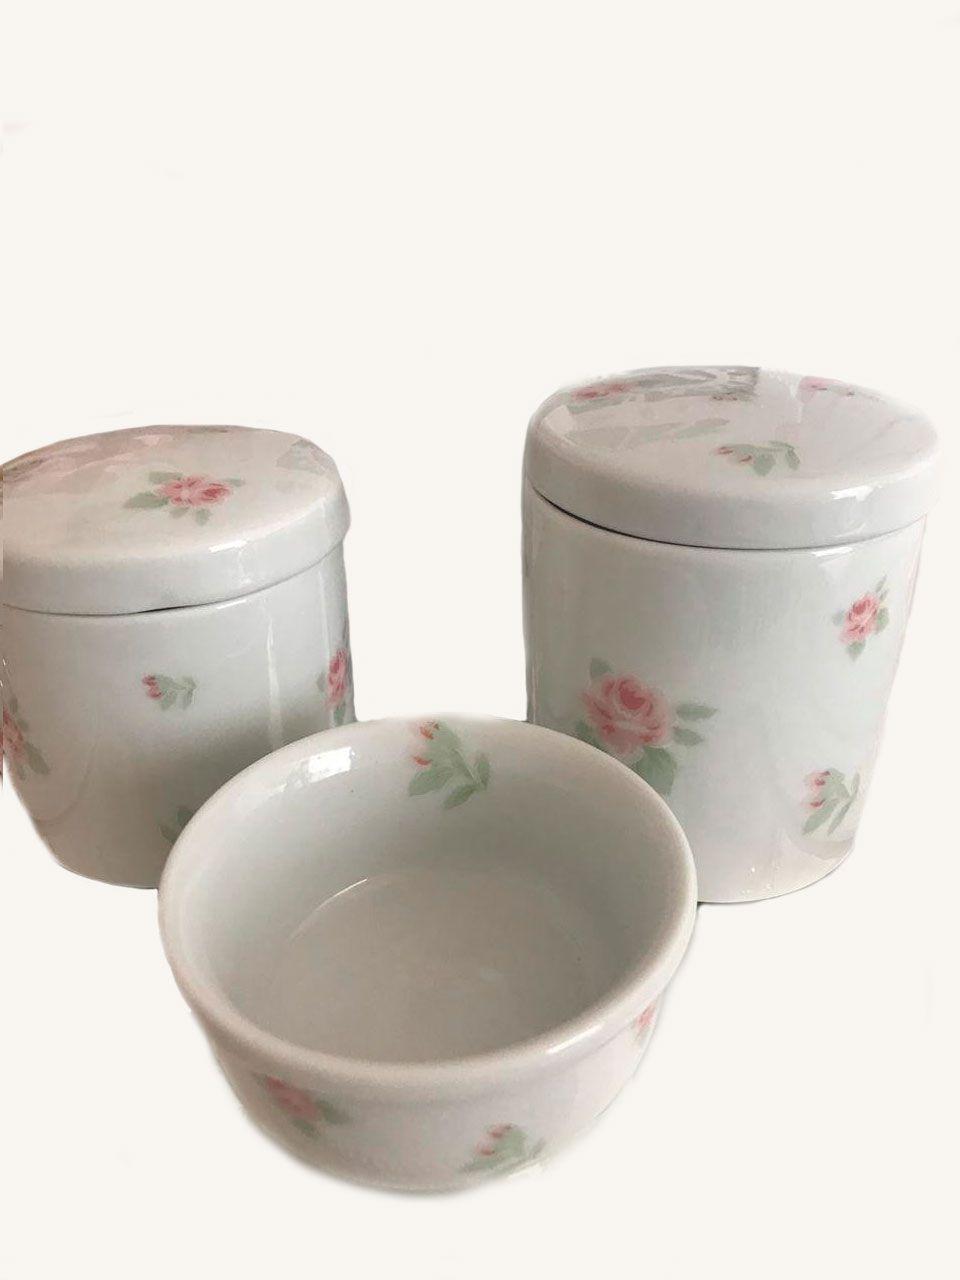 Kit Porcelana Branca Com Rosas - 3 PÇS